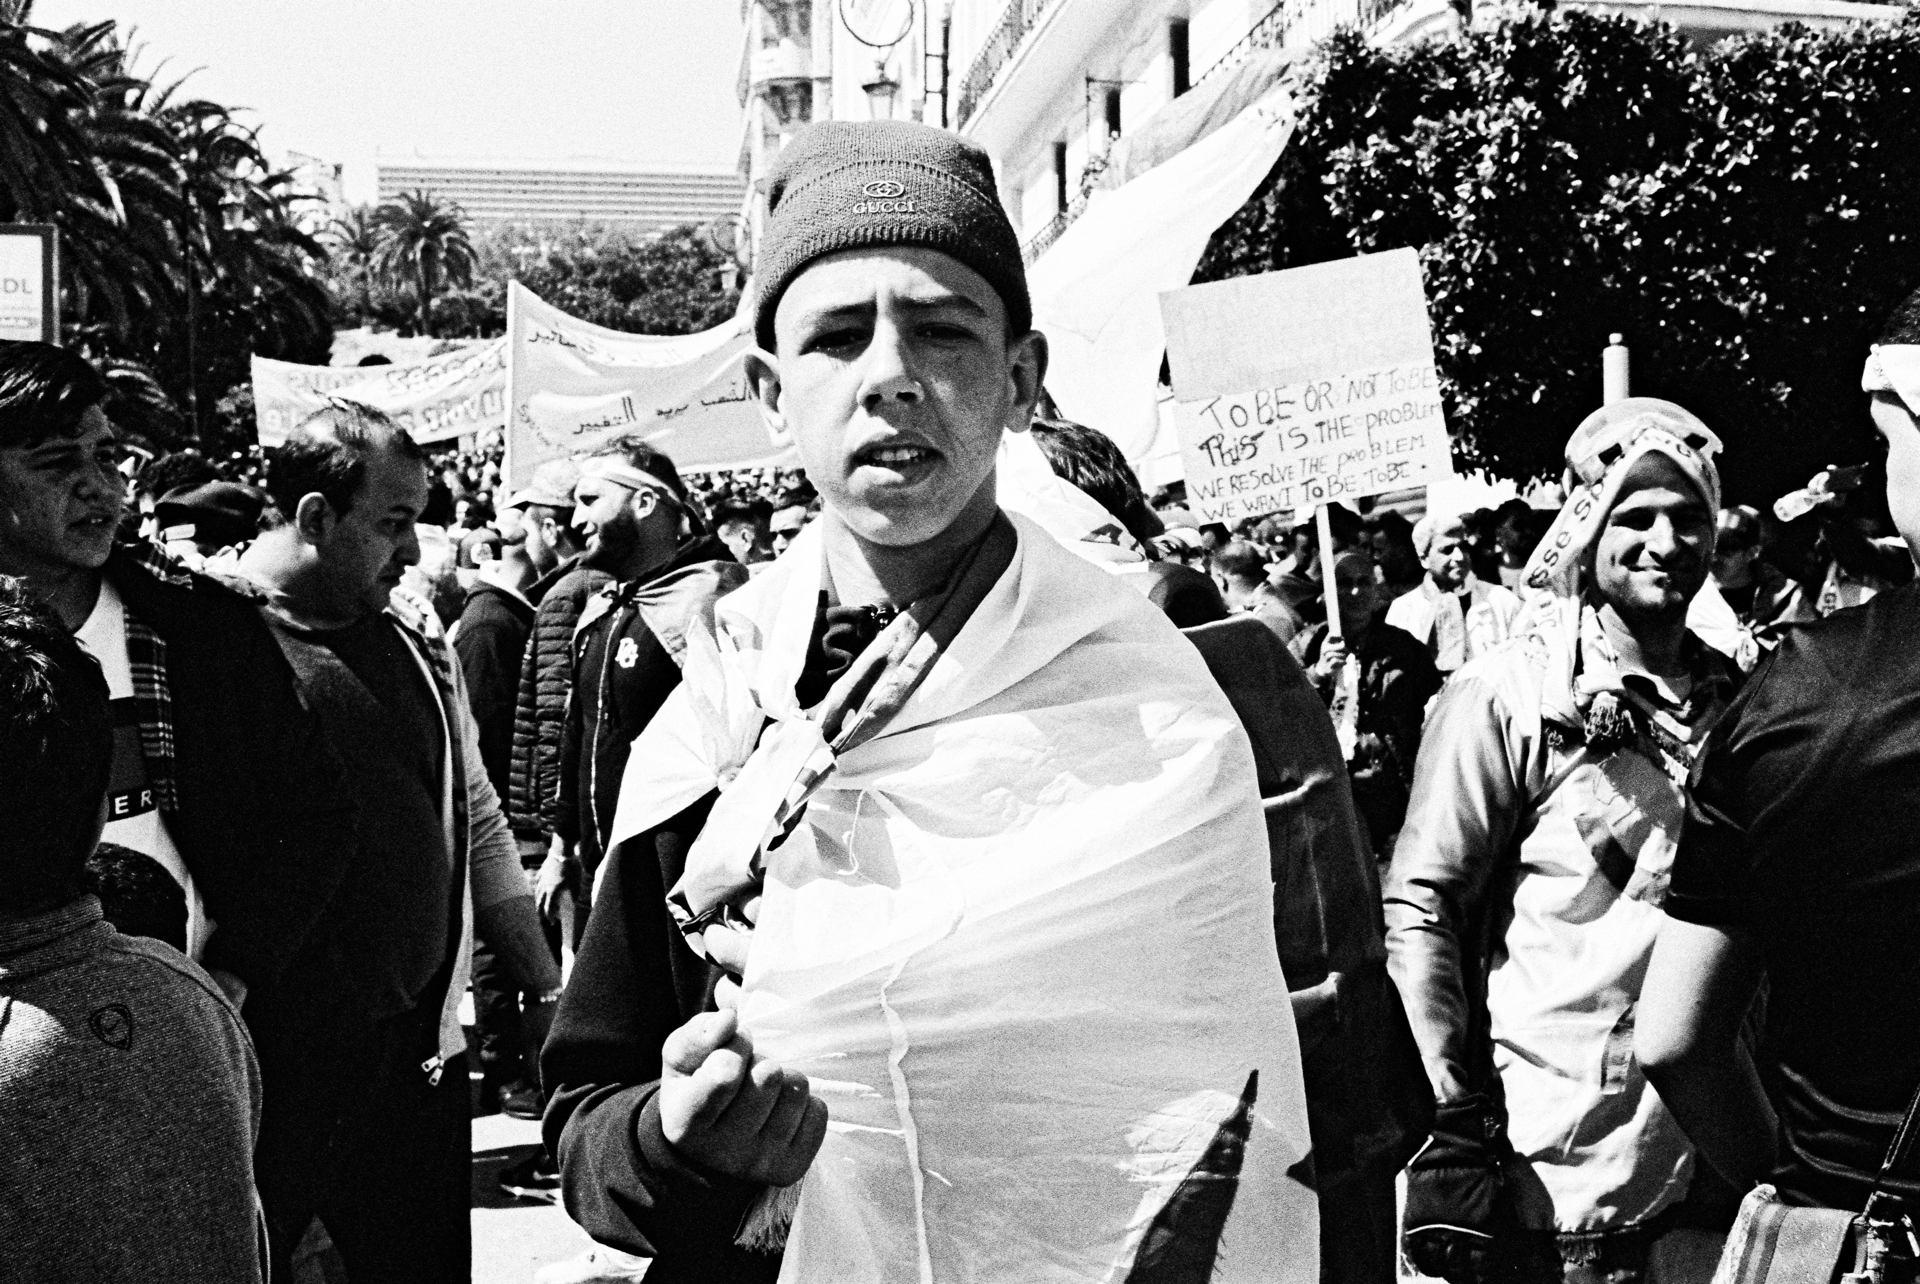 2019-03 Algerie manifestation-10.jpg